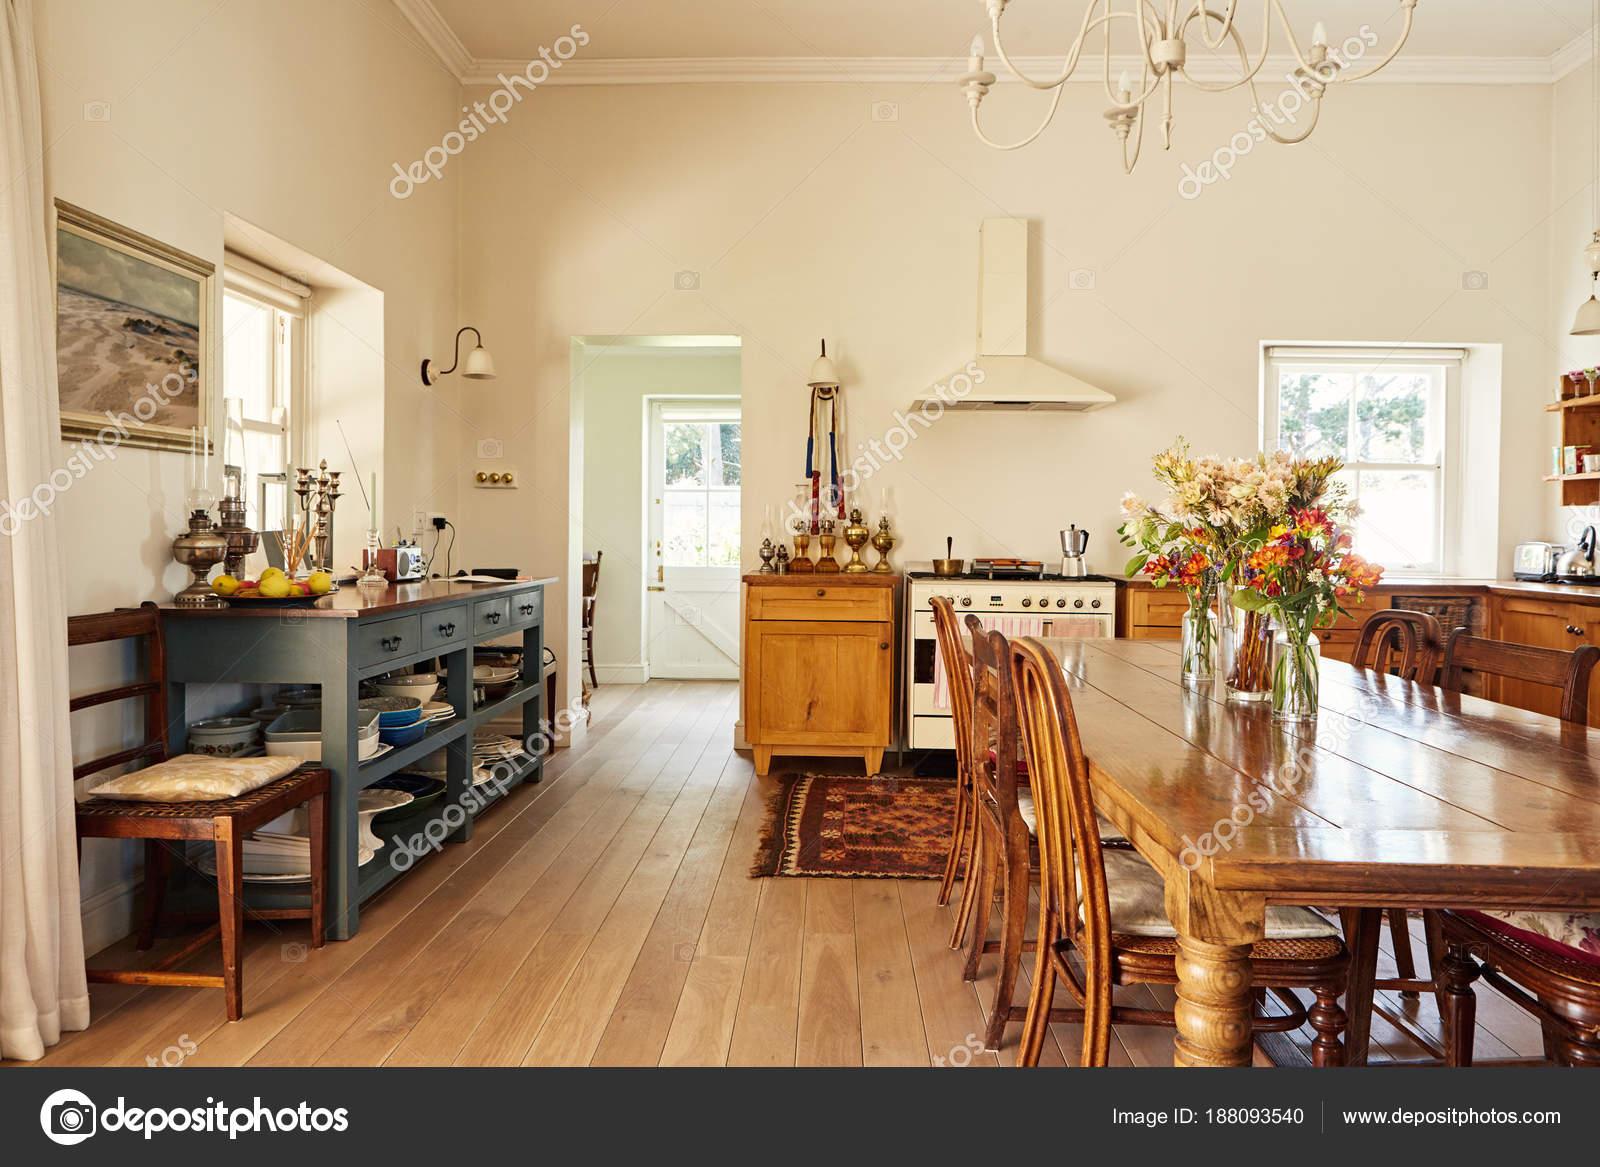 Wnętrza Kuchnia Stylu Duży Kraj Mieszkalnych Domu Drewnianym